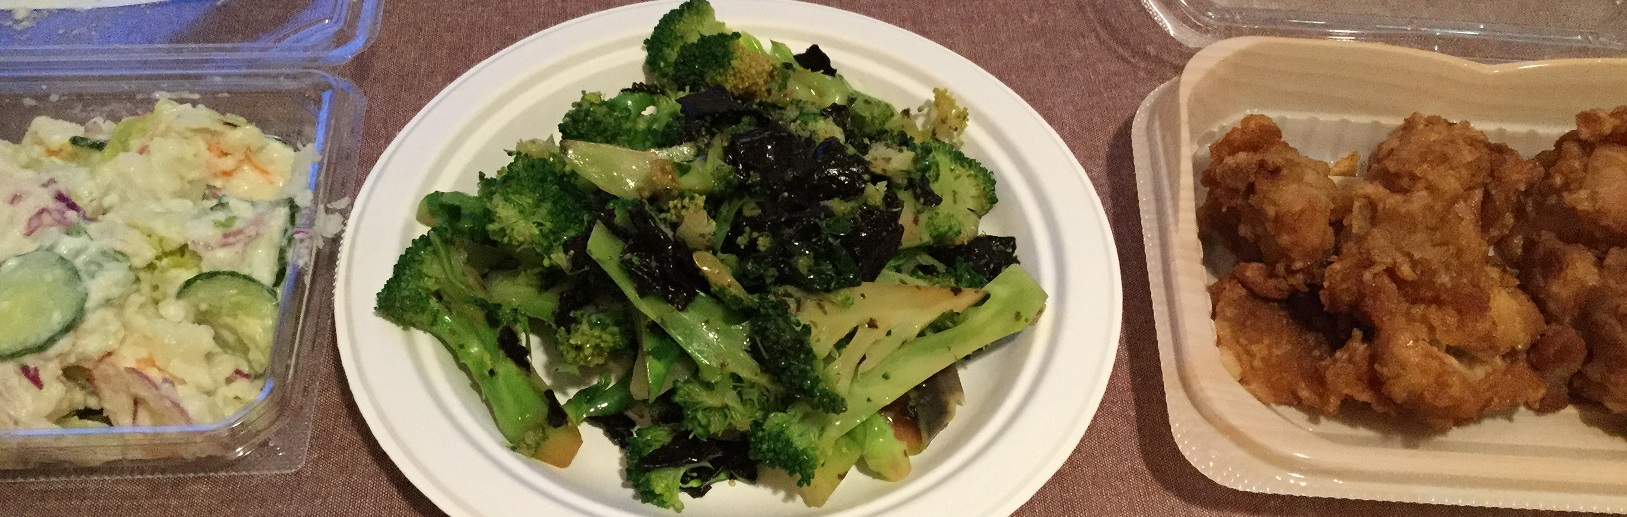 食べ物は持ち寄りです。僕は、得意料理の「ブロッコリーの海苔和え」と、大好きなスーパー・サンヨネの惣菜2品を持参しました。